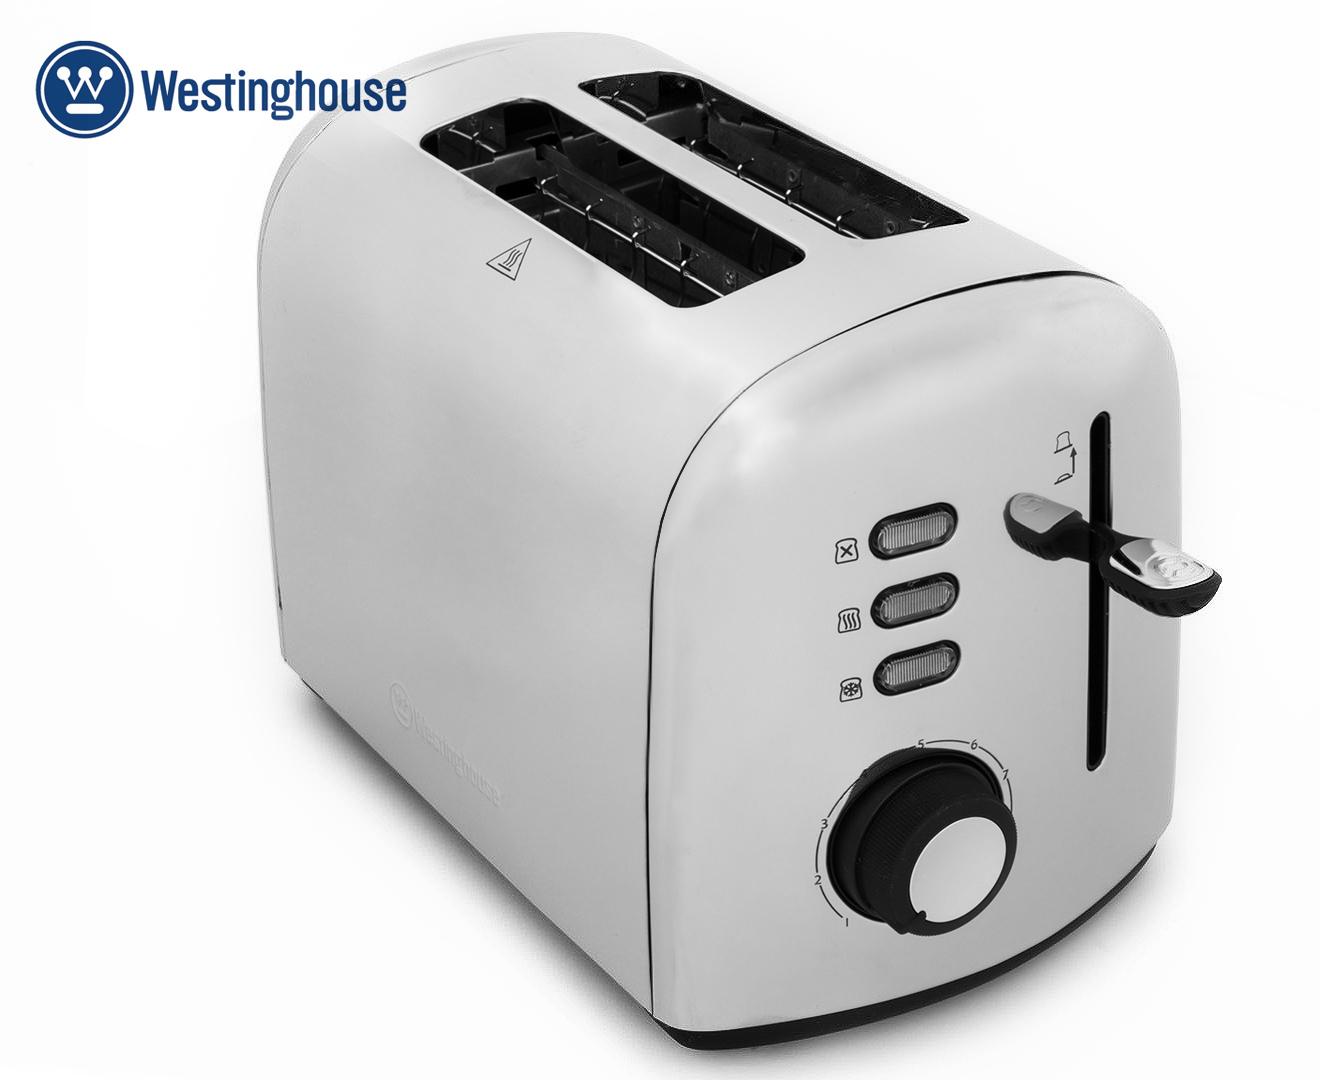 TSK 2575 Stainless Steel 2 Slice Household Full Automatic Breakfast Toaster